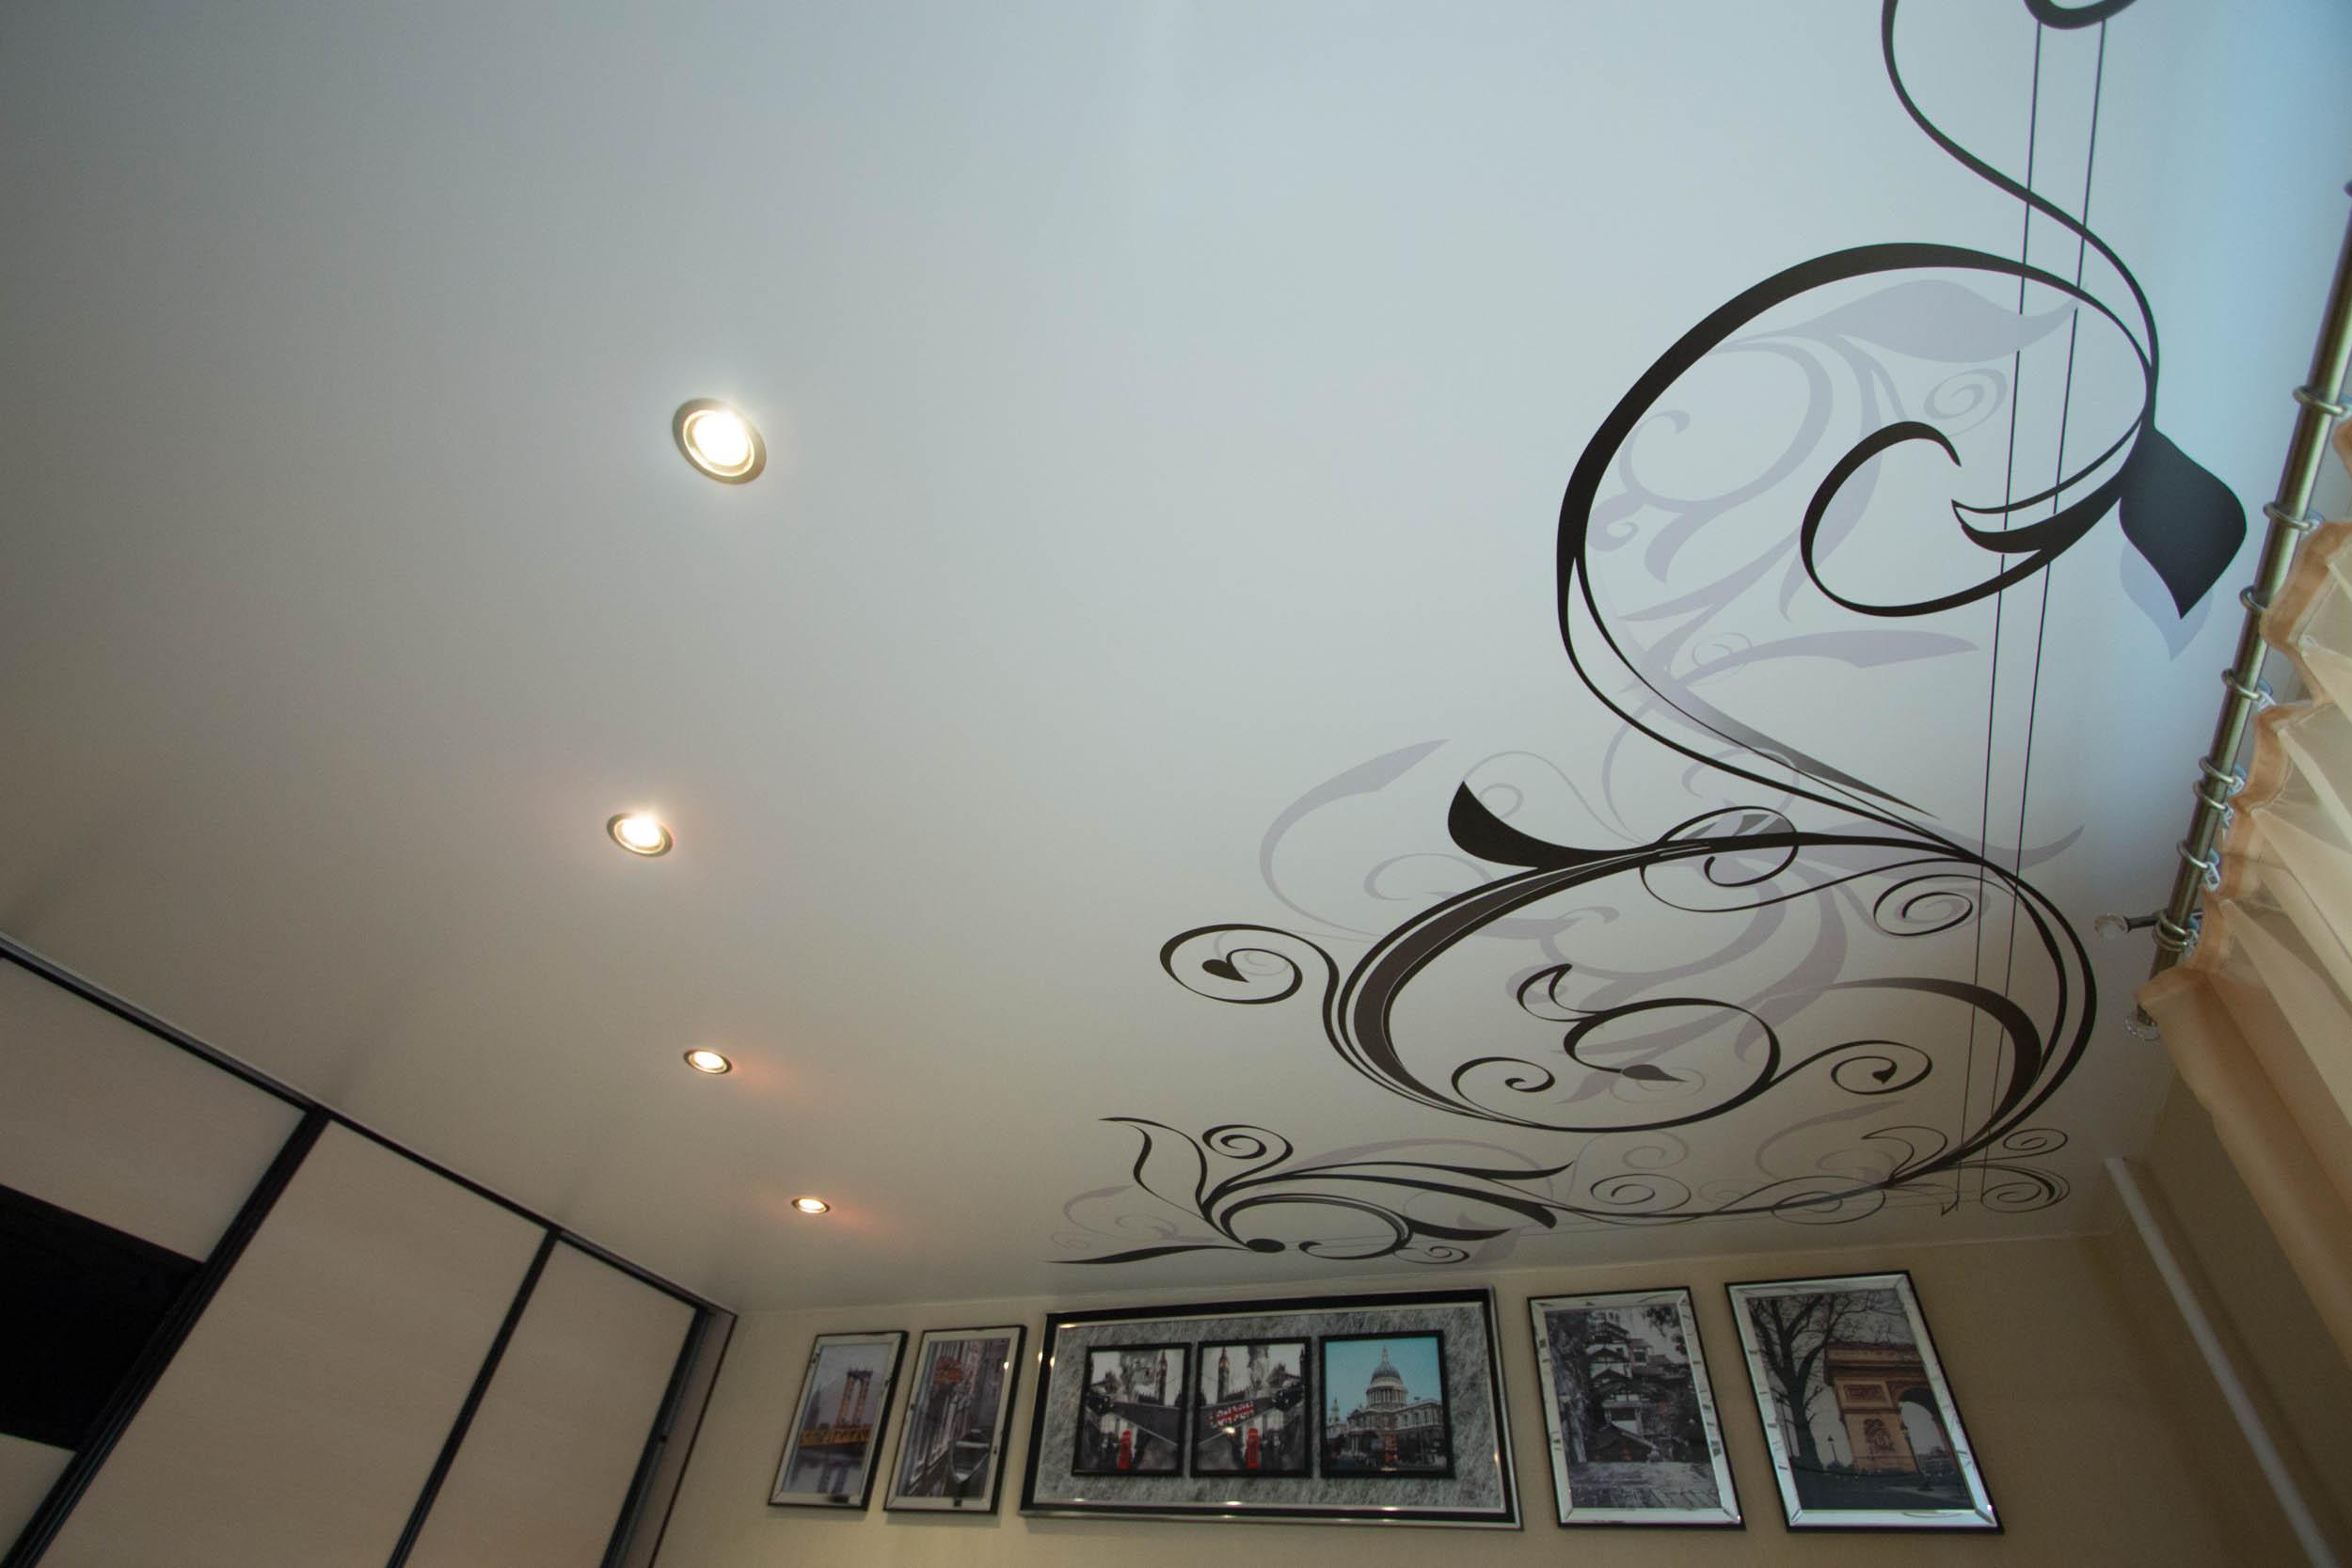 мужчины обращают натяжные потолки фото с рисунком кстово как этими